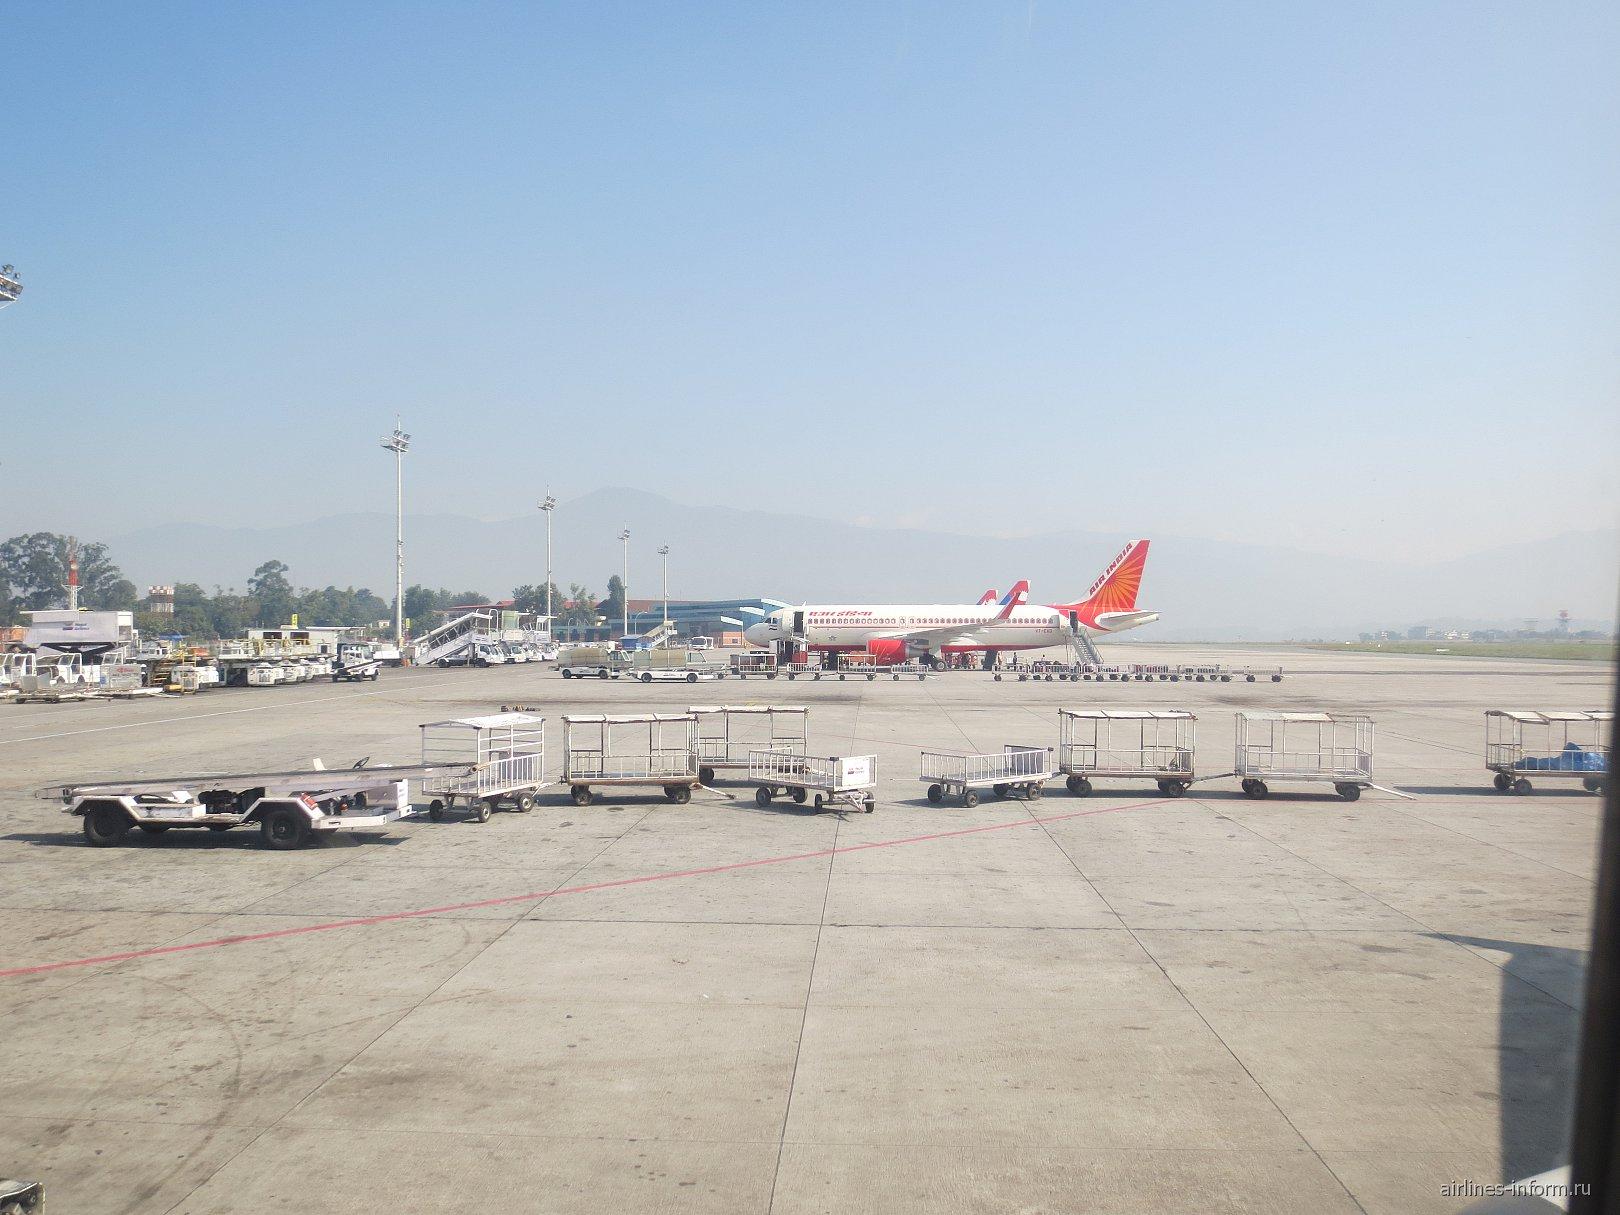 Перрон аэропорта Катманду Трибхуван